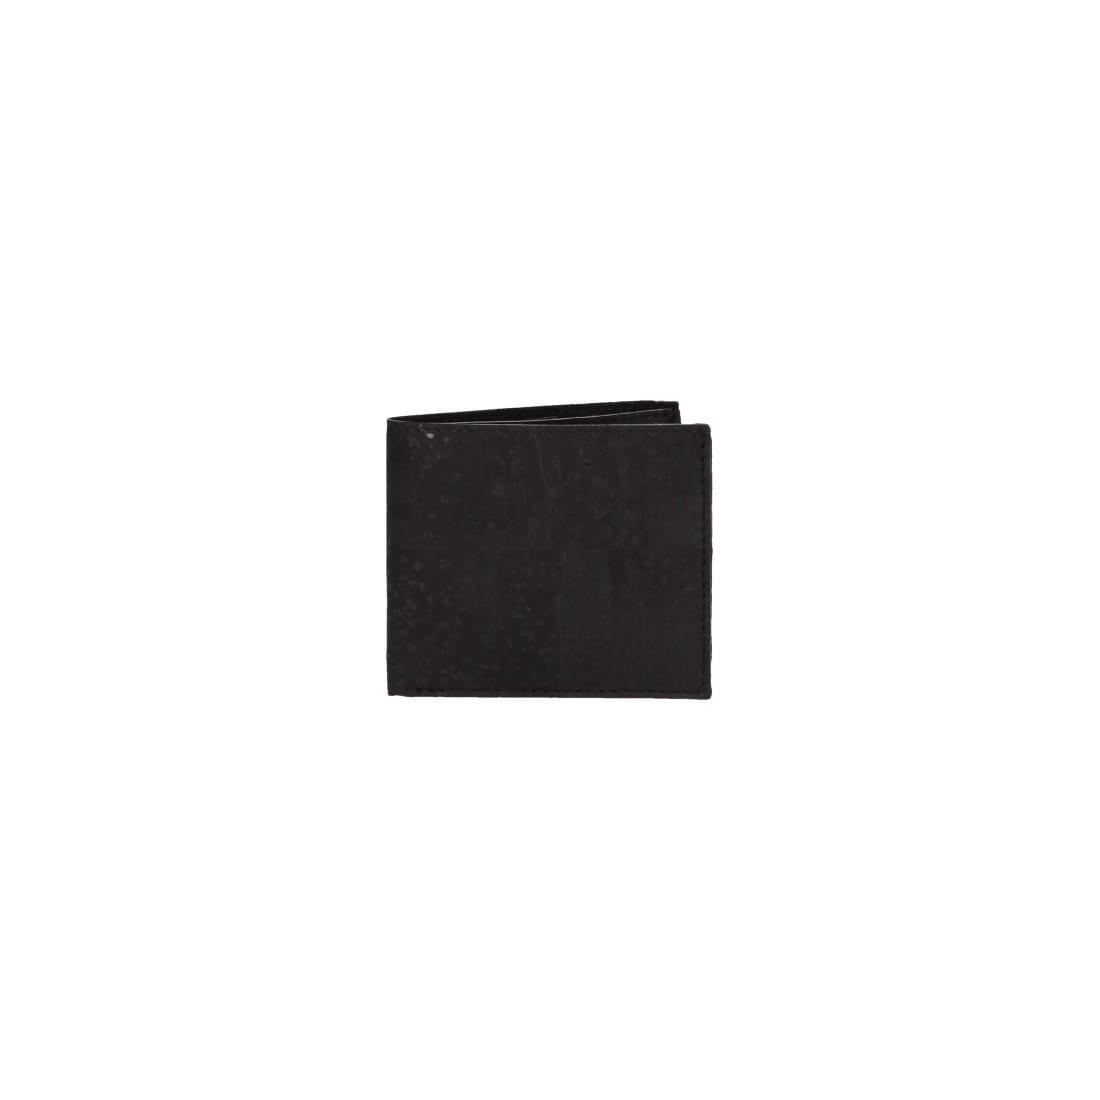 Porte carte - monnaie en liège - homme - noir